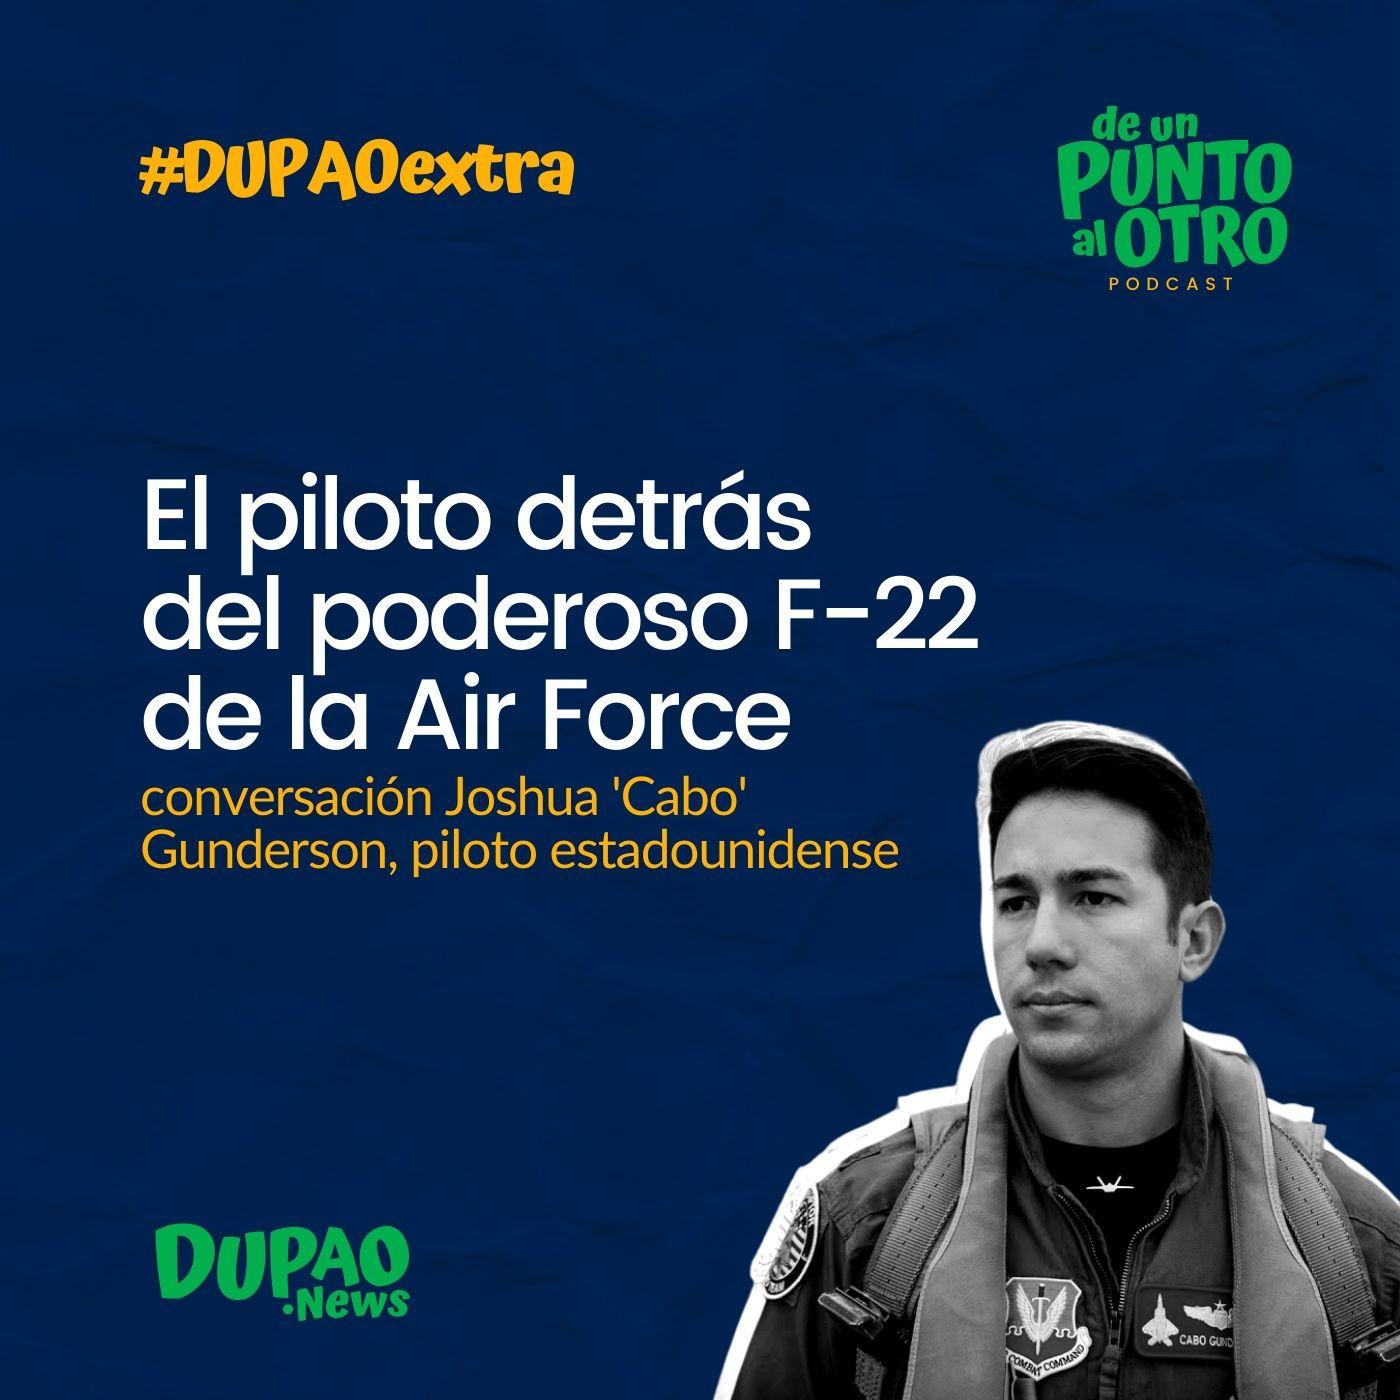 Extra 05 • El piloto detrás del poderoso F-22 de la Air Force, con Joshua 'Cabo' Gunderson  • DUPAO.news